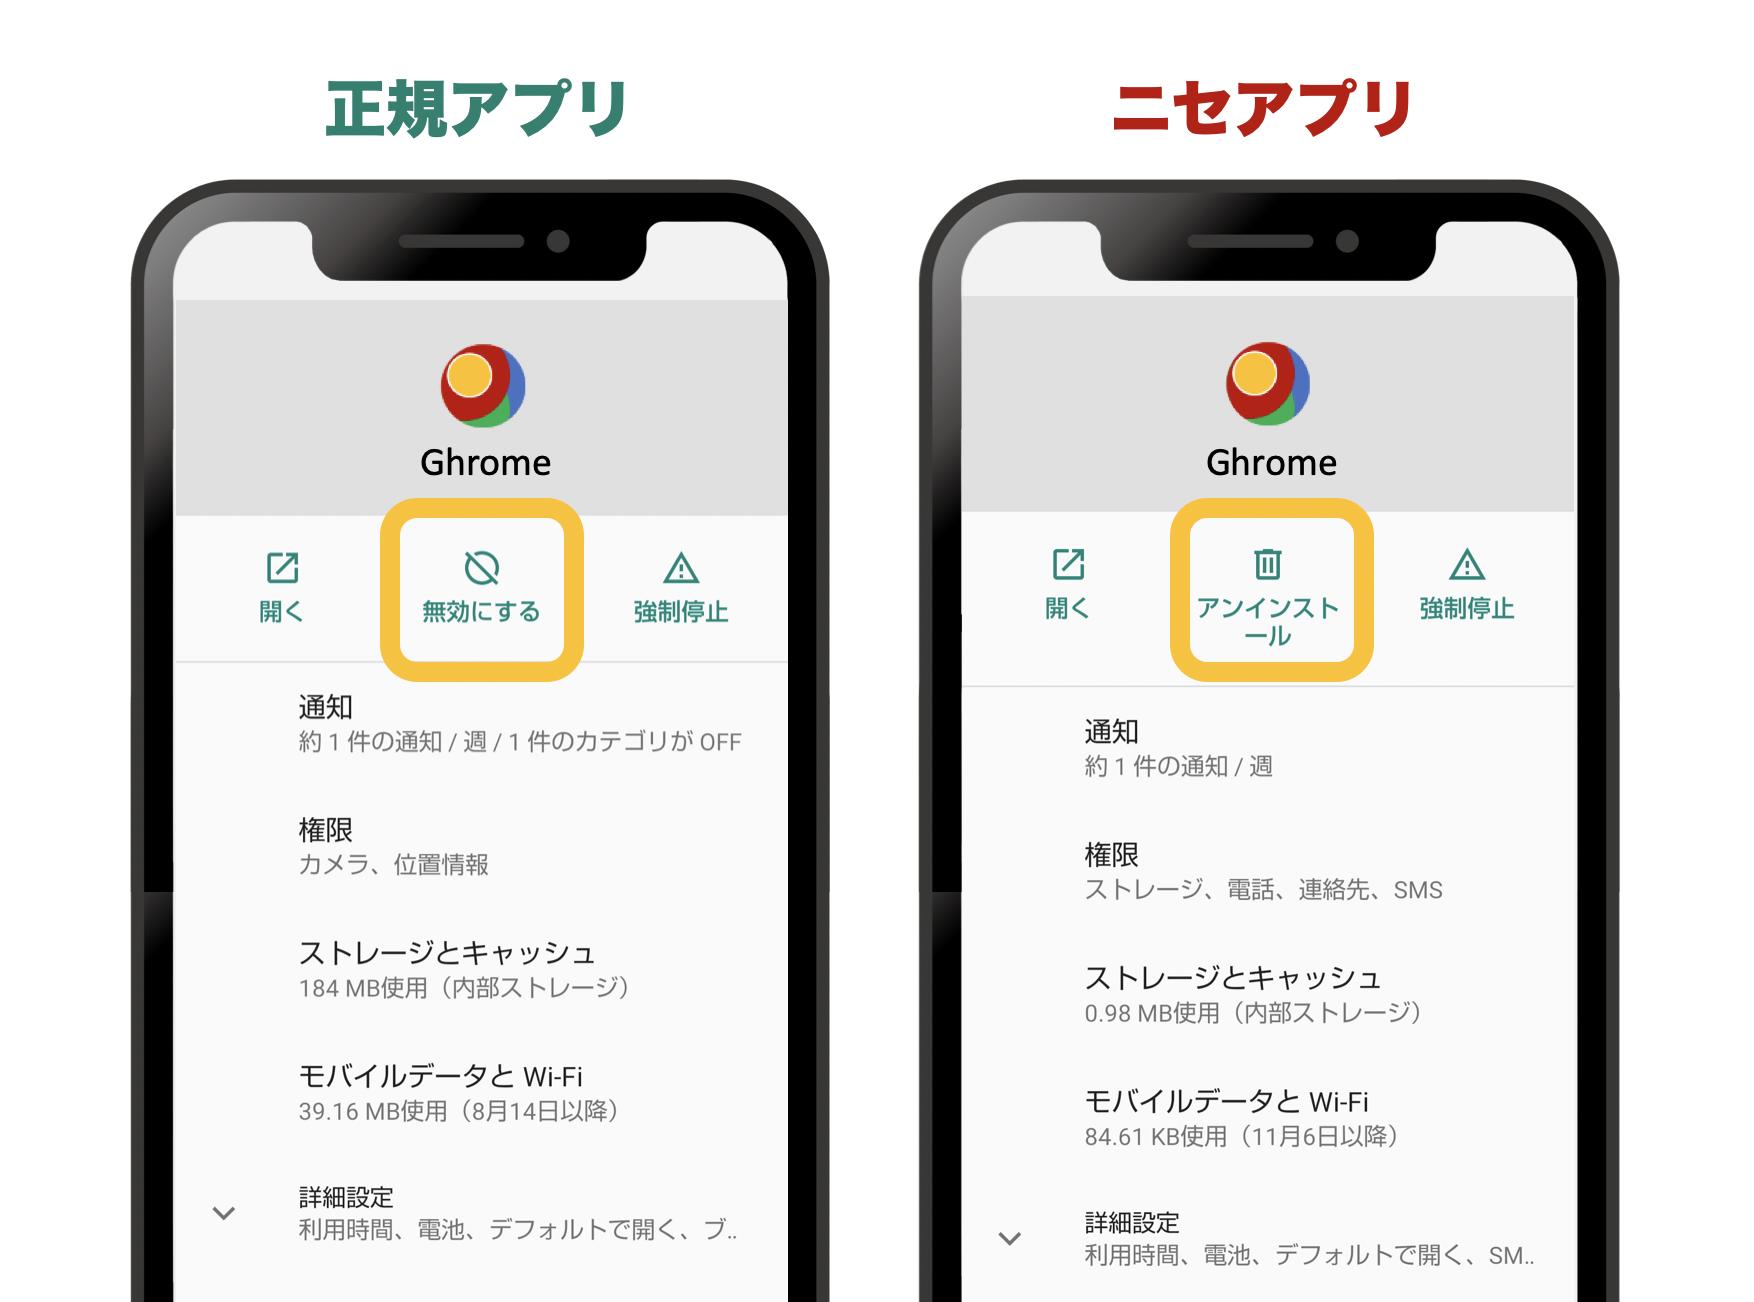 正規のブラウザアプリとニセモノのブラウザアプリの対比